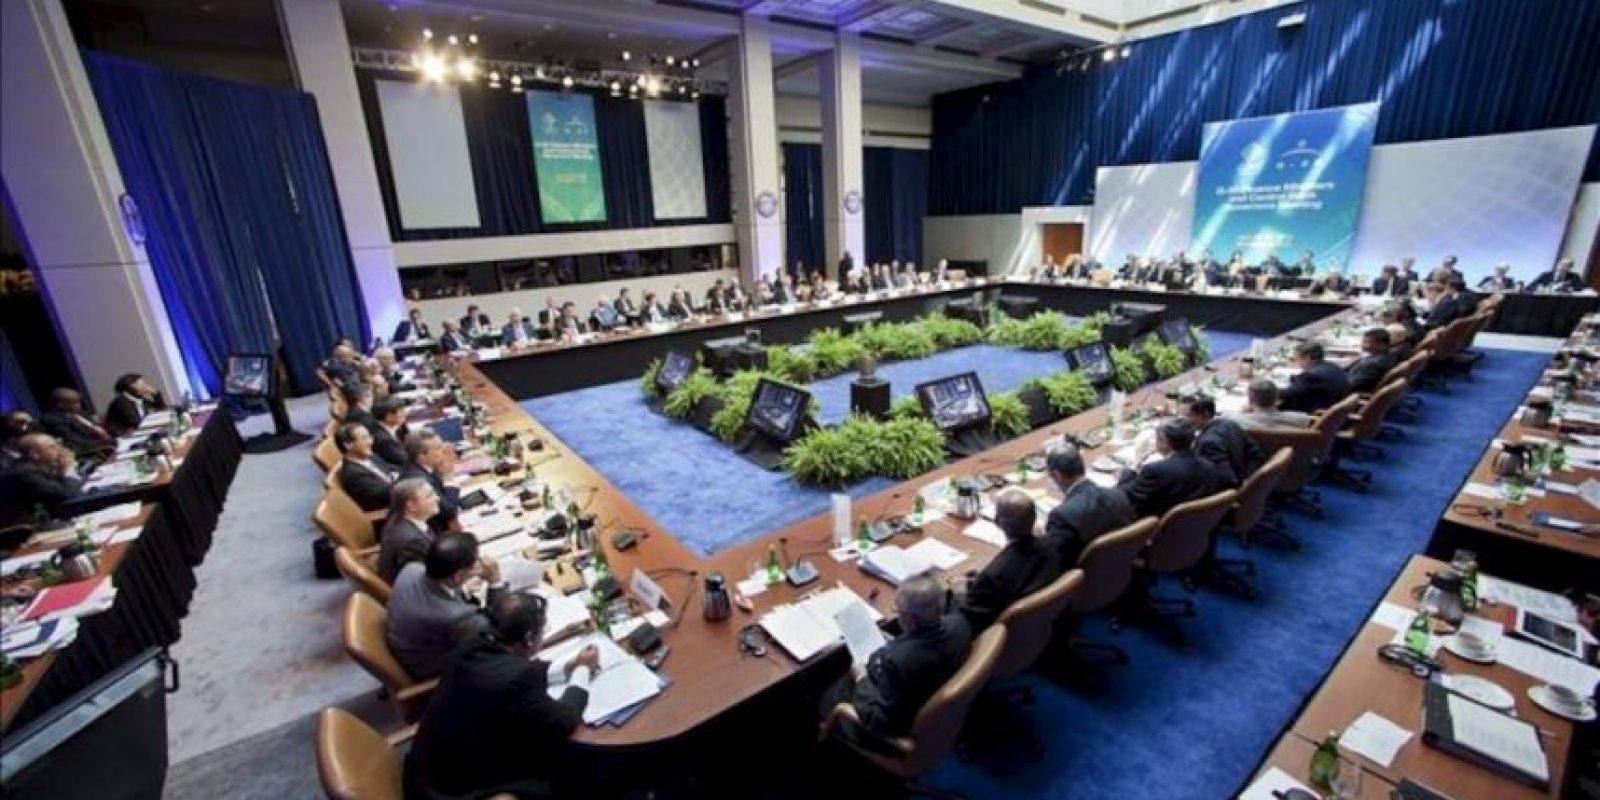 Reunión del G20 durante los encuentros del FMI y el Banco Mundial, en la sede del FMI en Washington, Estados Unidos. EFE